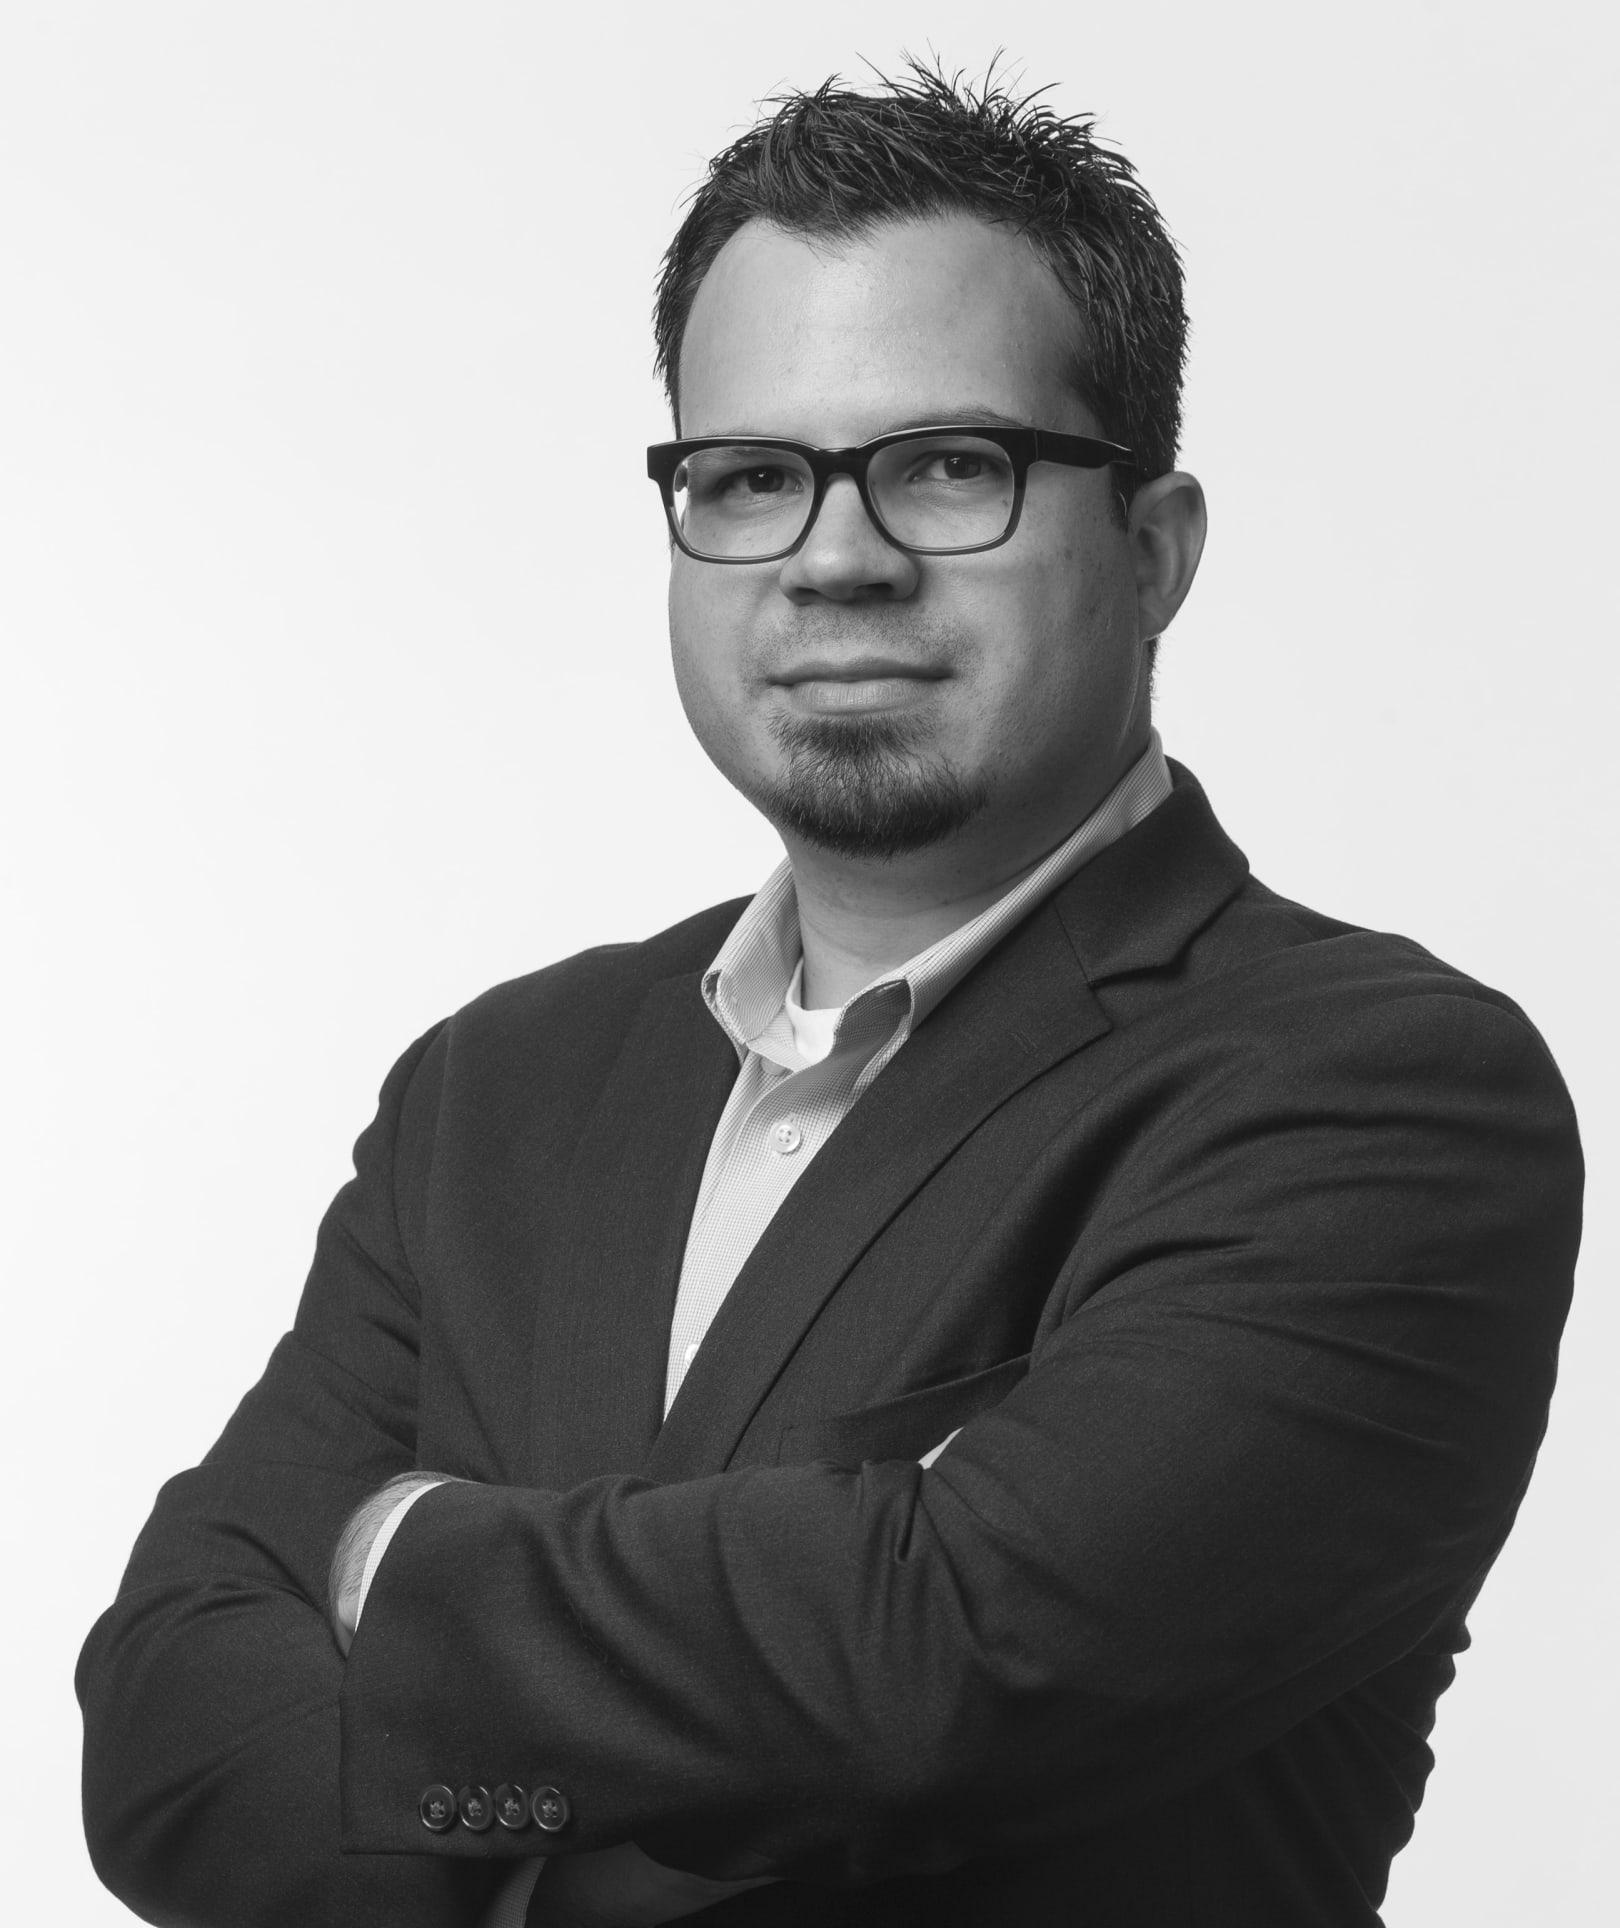 Luis Vélez-Alvarez, AIA